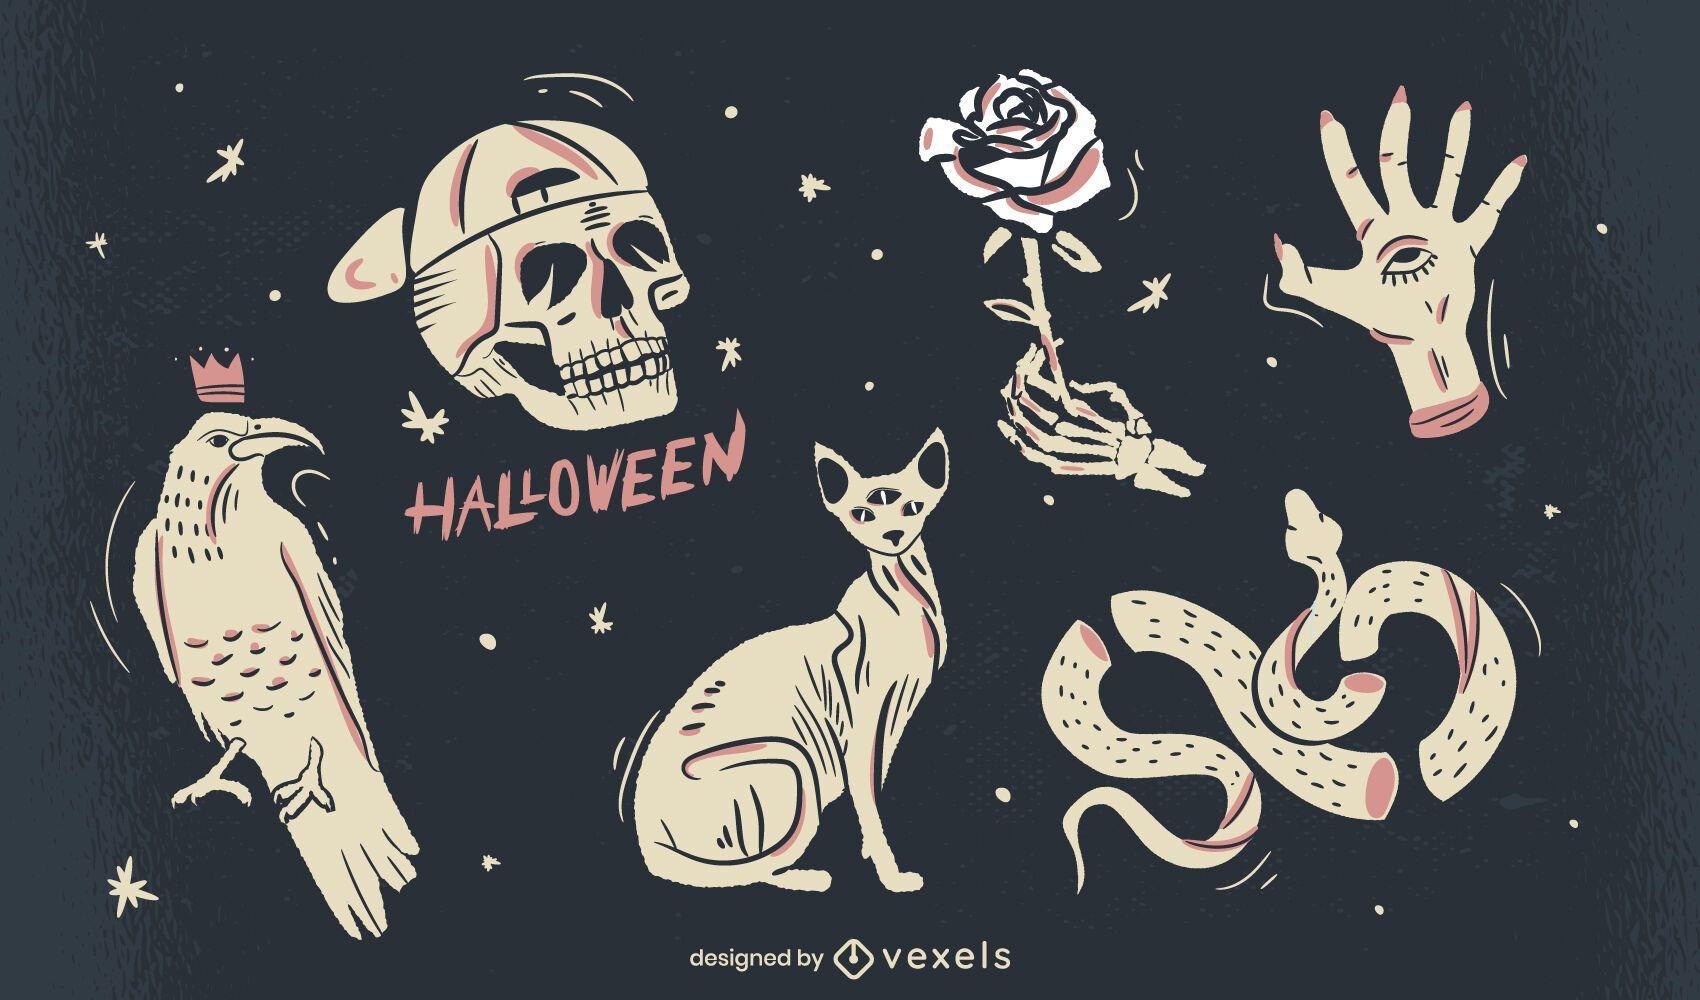 halloween spooky elements illustration set